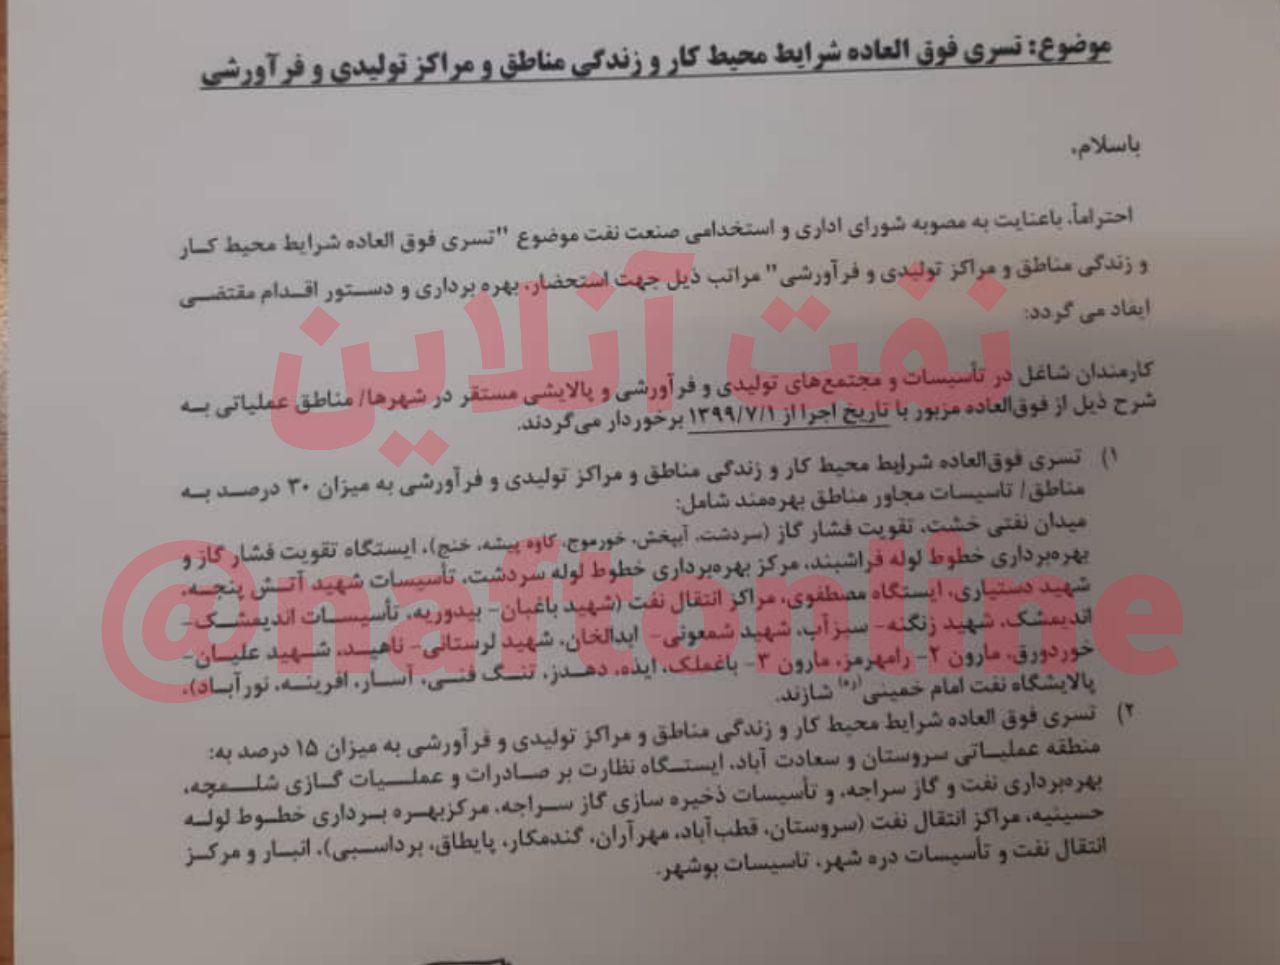 شرکت پالایش و پخش فرآوردههای نفتی ایران | نفت آنلاین